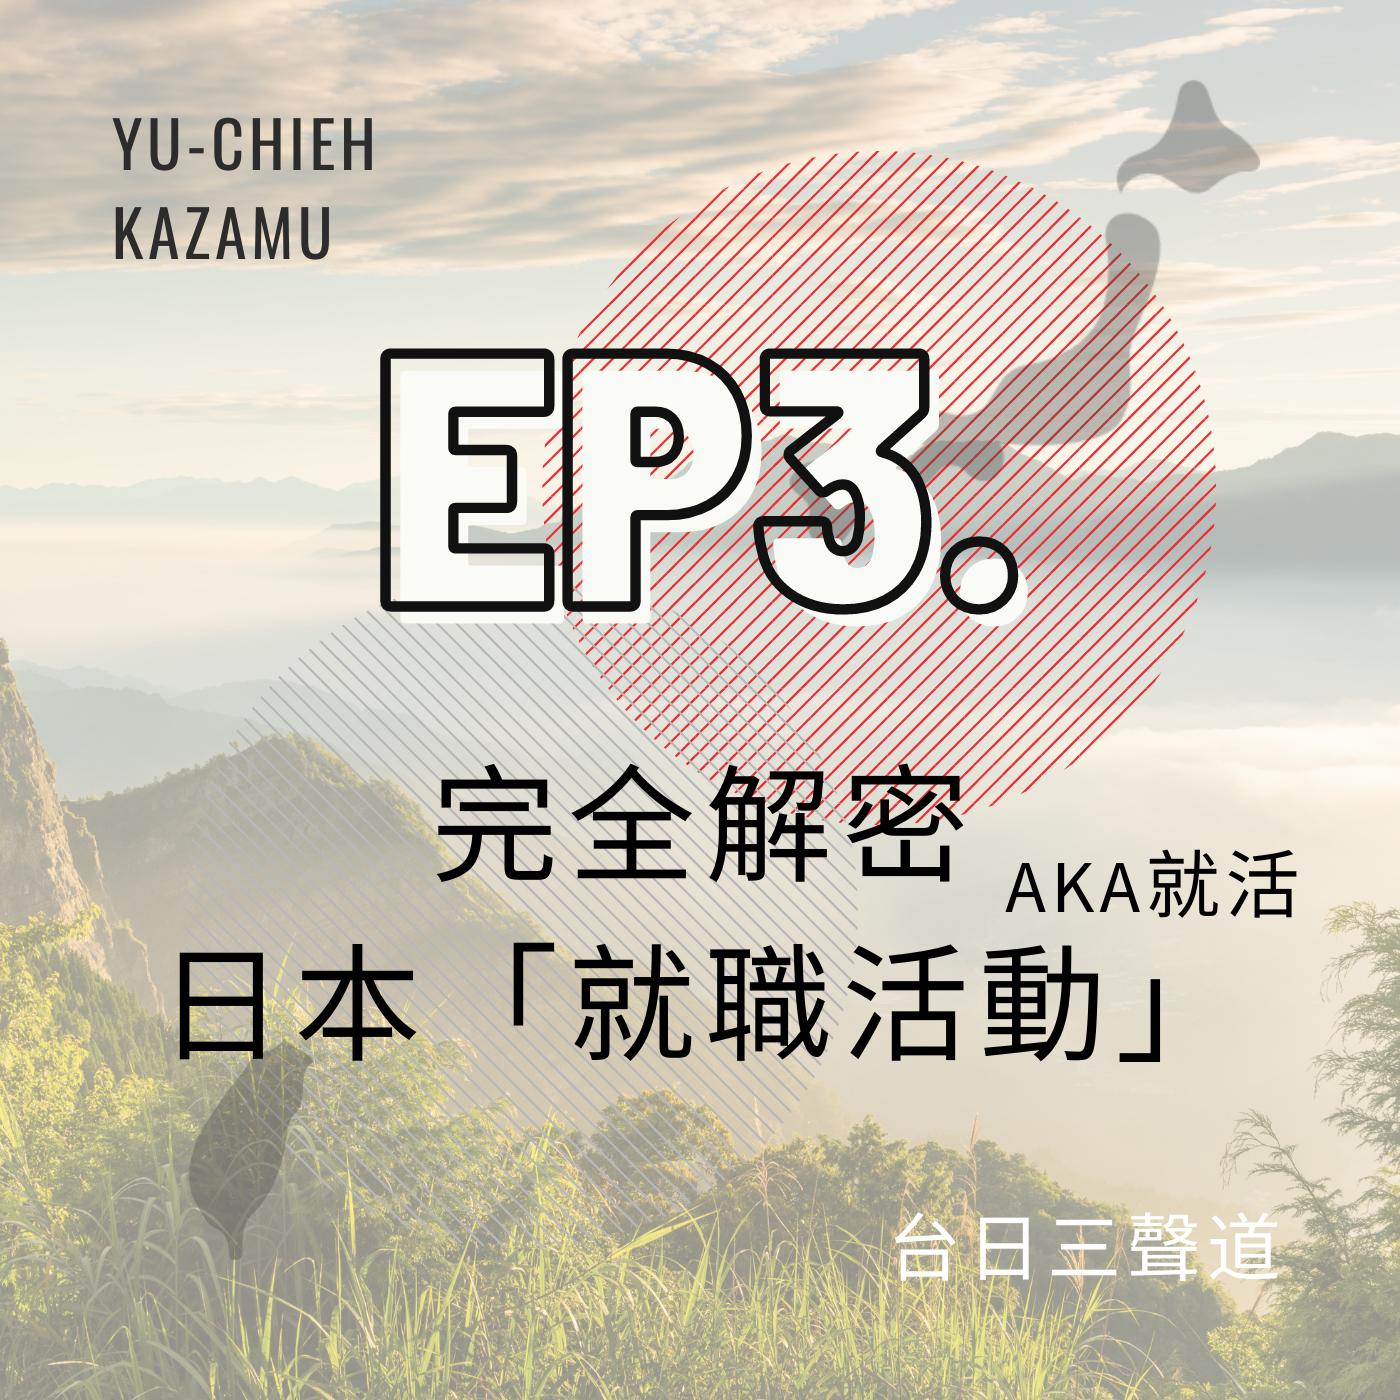 3. 日本就職活動 aka「就活」完全解密 w/ Kazamu